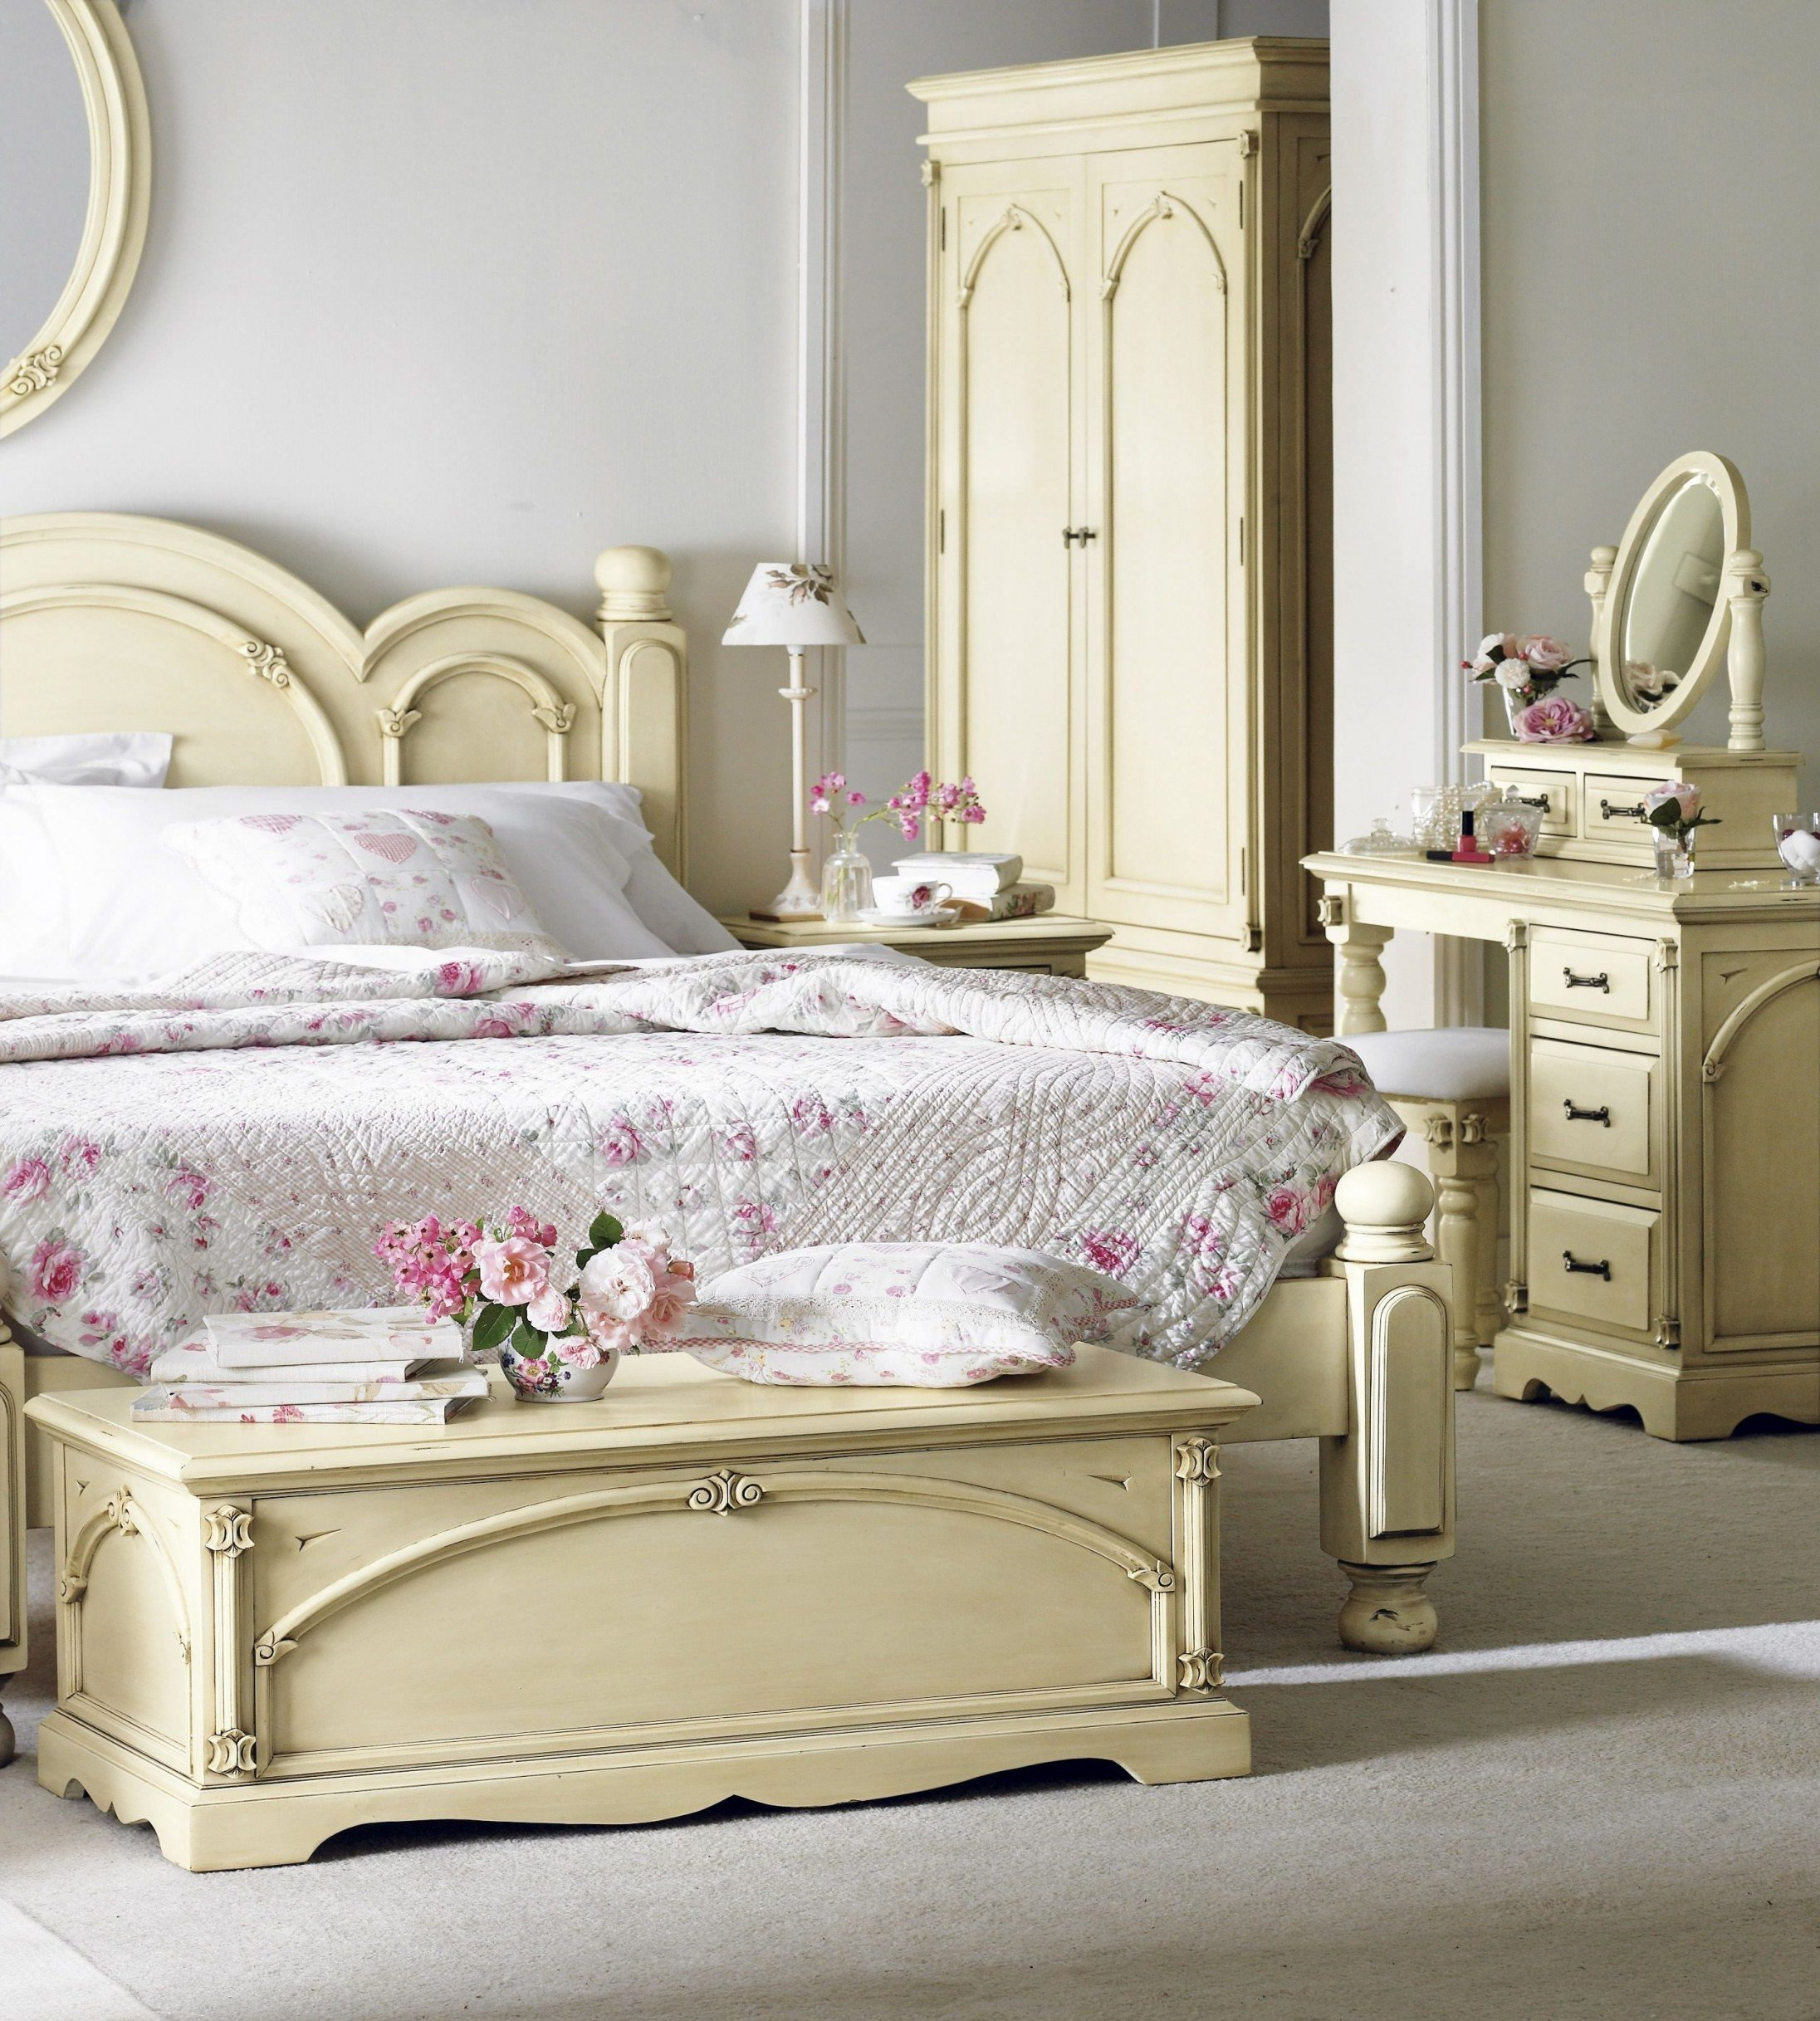 Cool Bedroom Furniture for Teenagers Inspirational Teen Girls Bedroom Ideas Bedroom Cool Gray Bedroom Decor